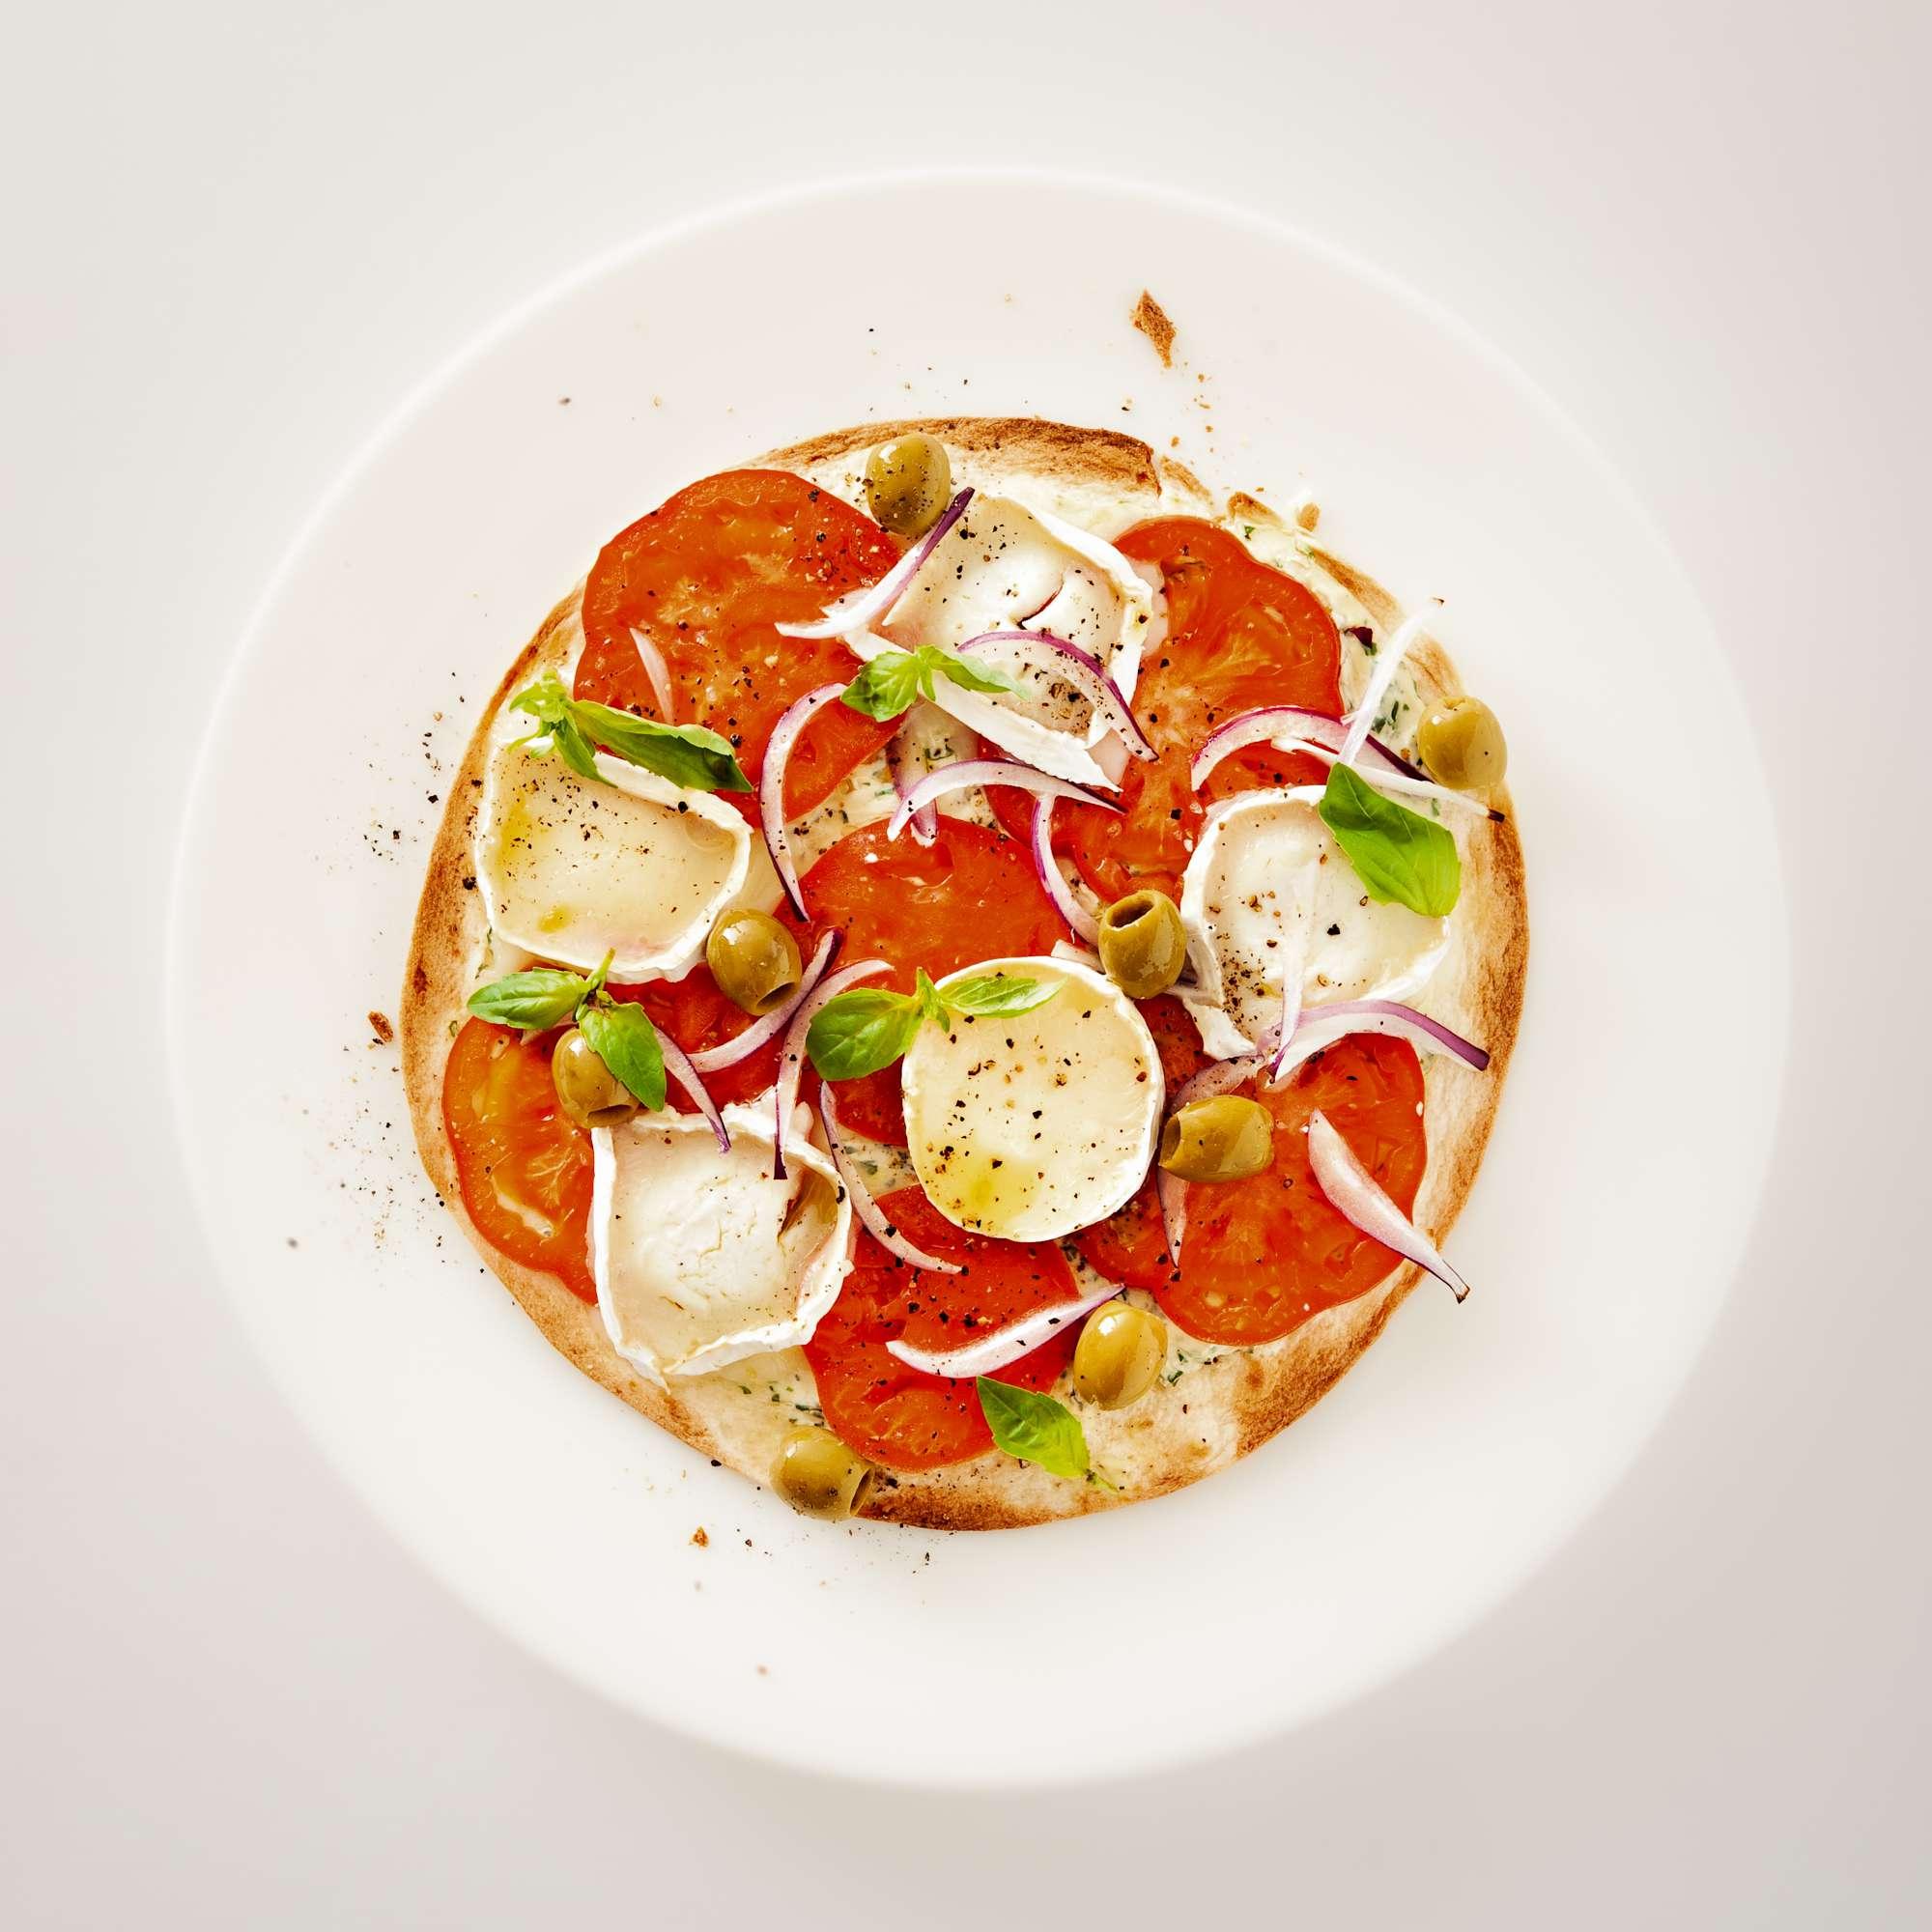 Schnelle Tortilla-Pizza